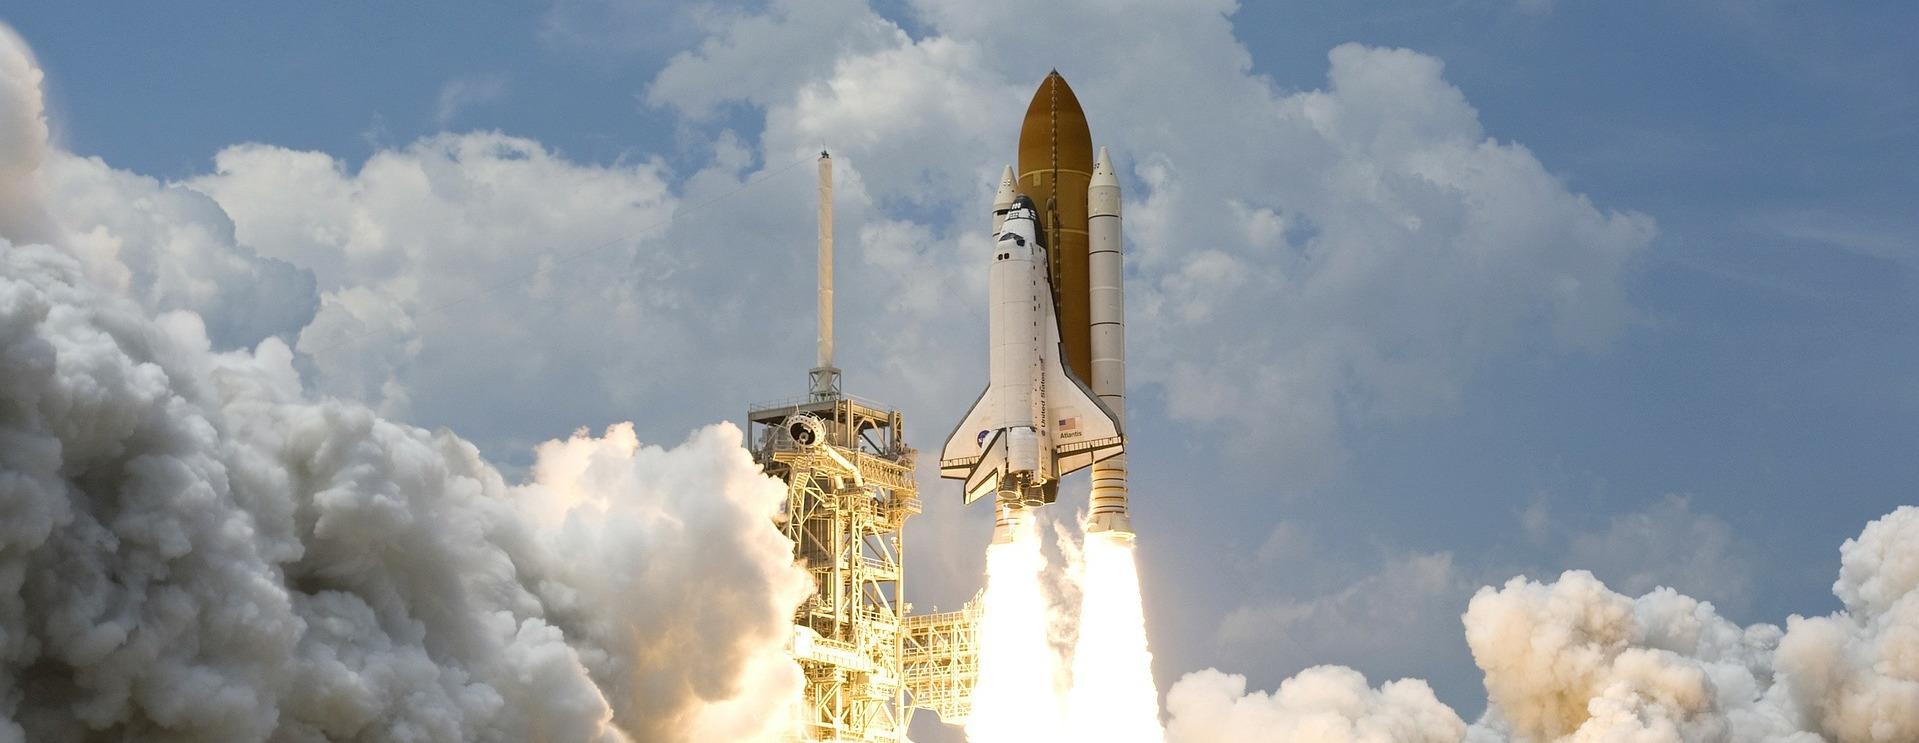 В России испытали ракету «Ангара-1.2»